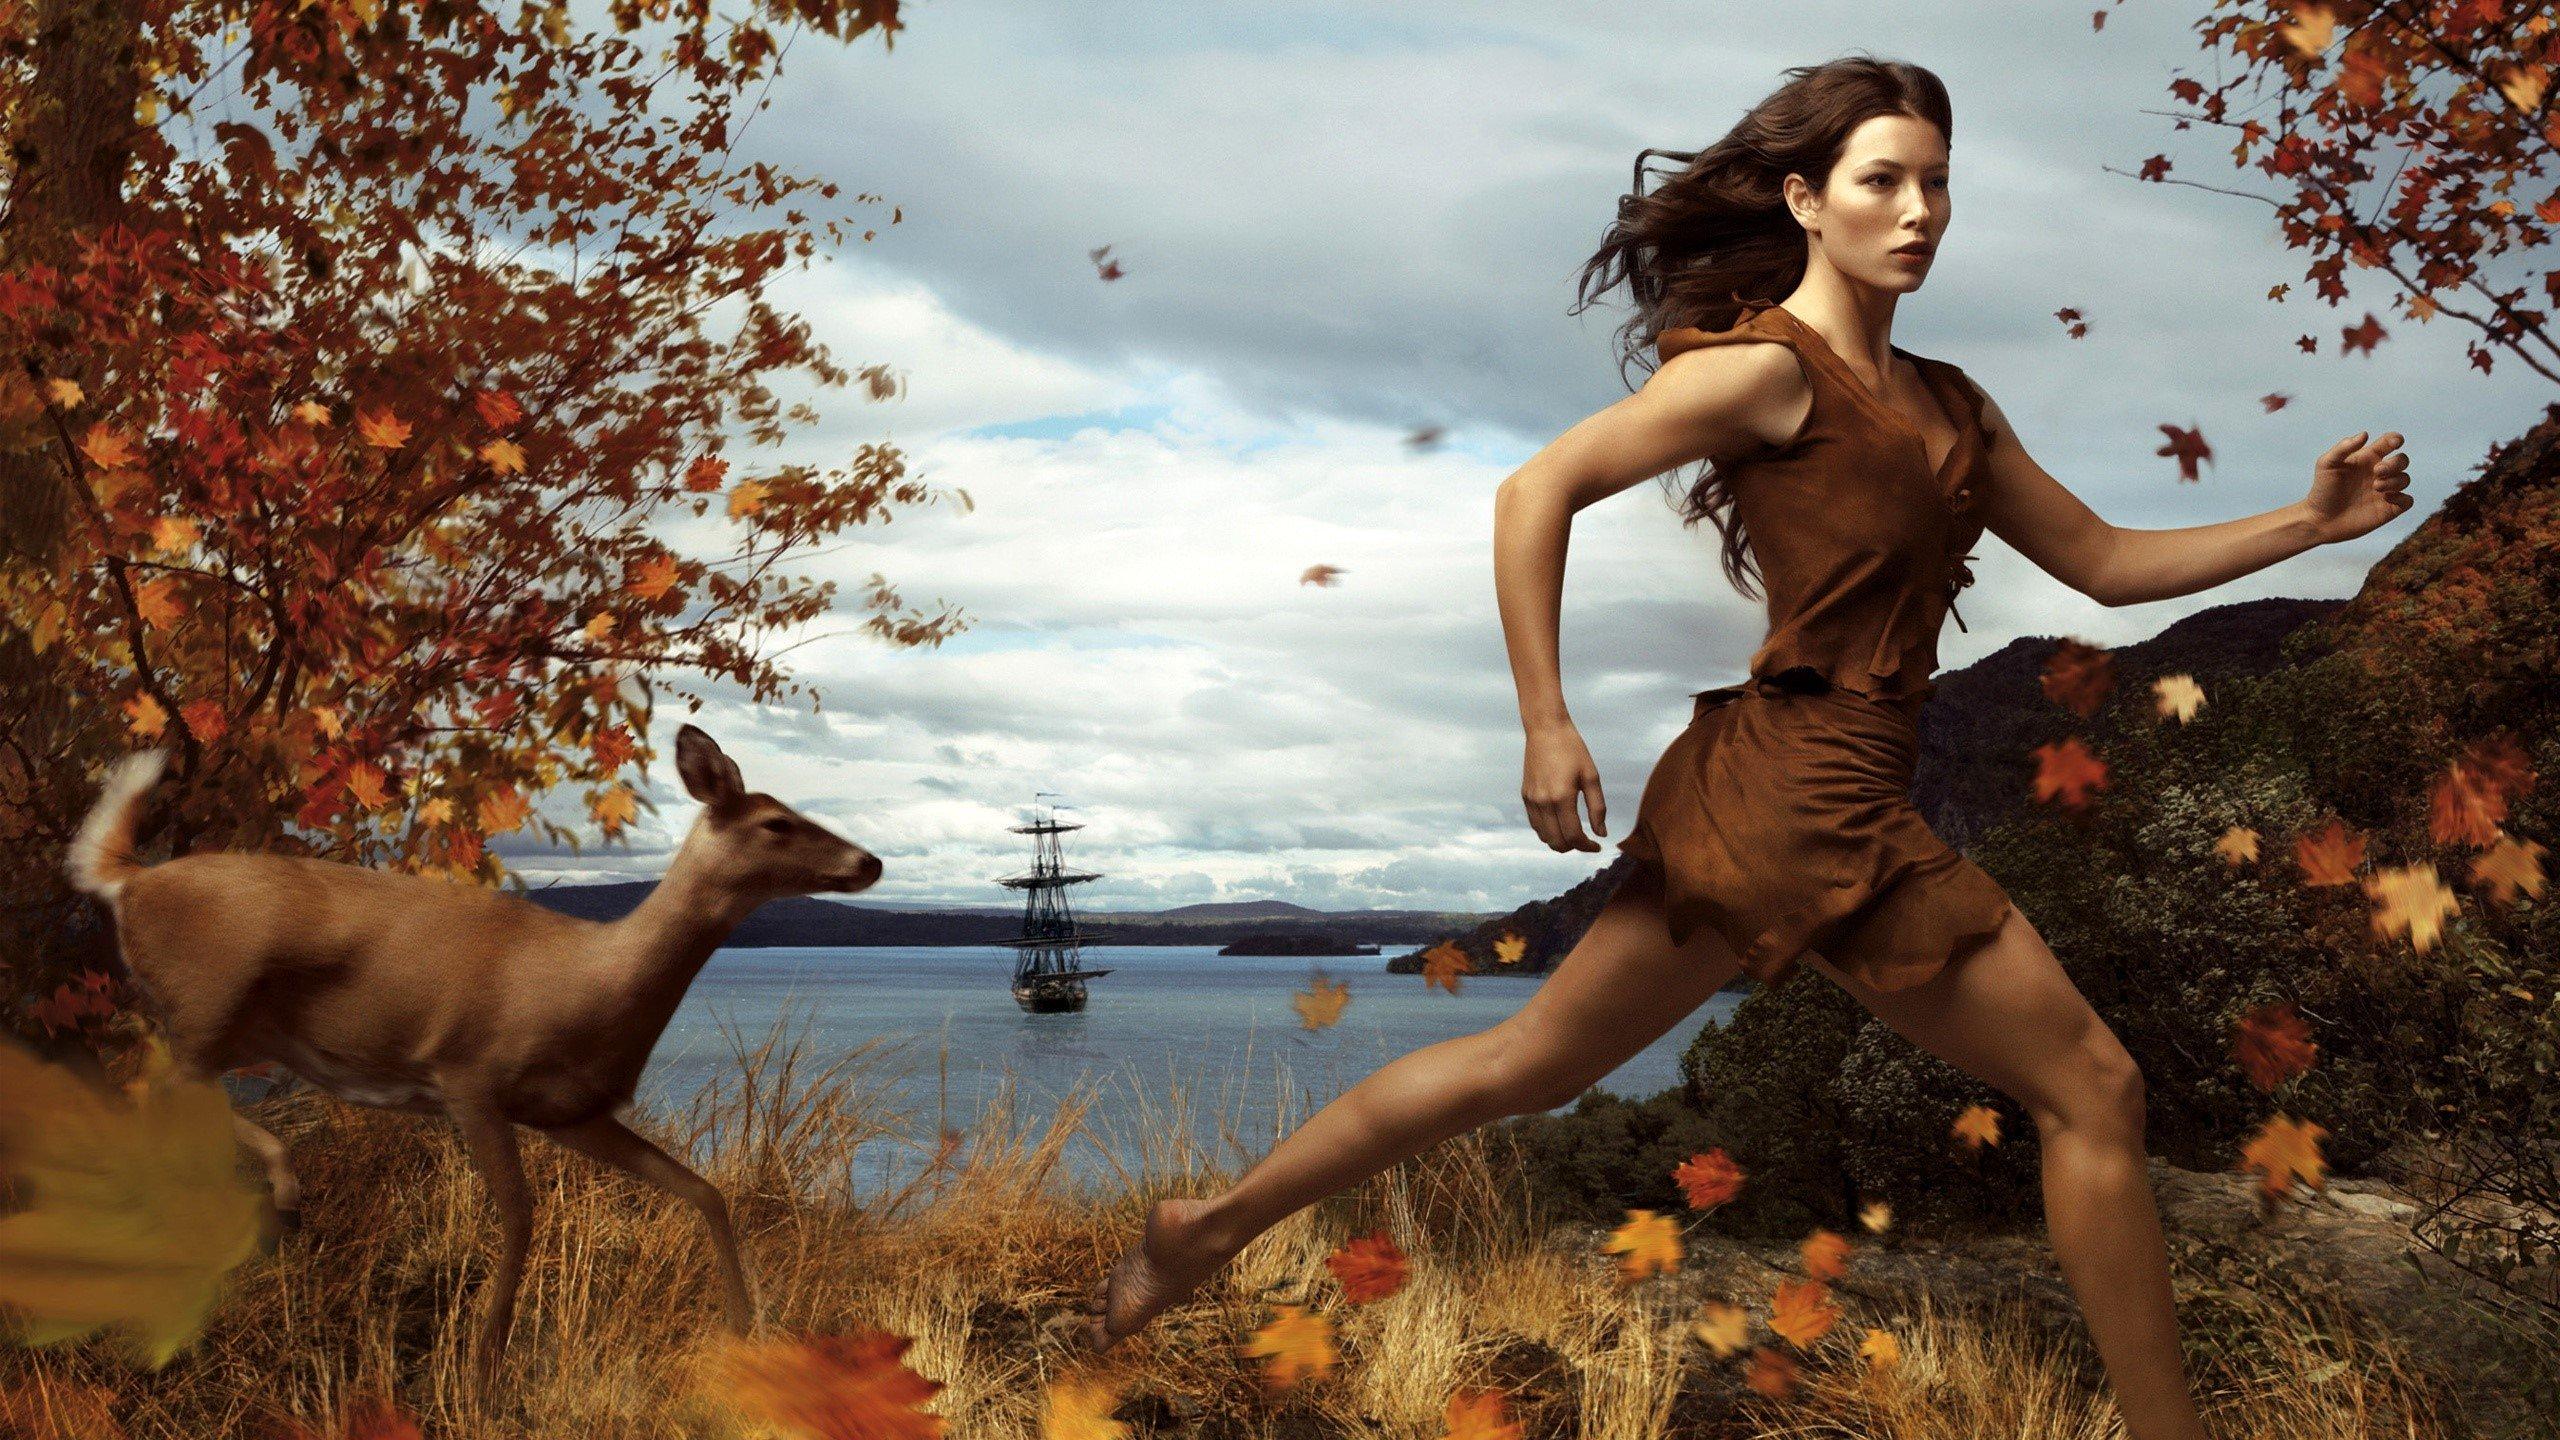 Fondos de pantalla Jessica Biel corriendo en el bosque